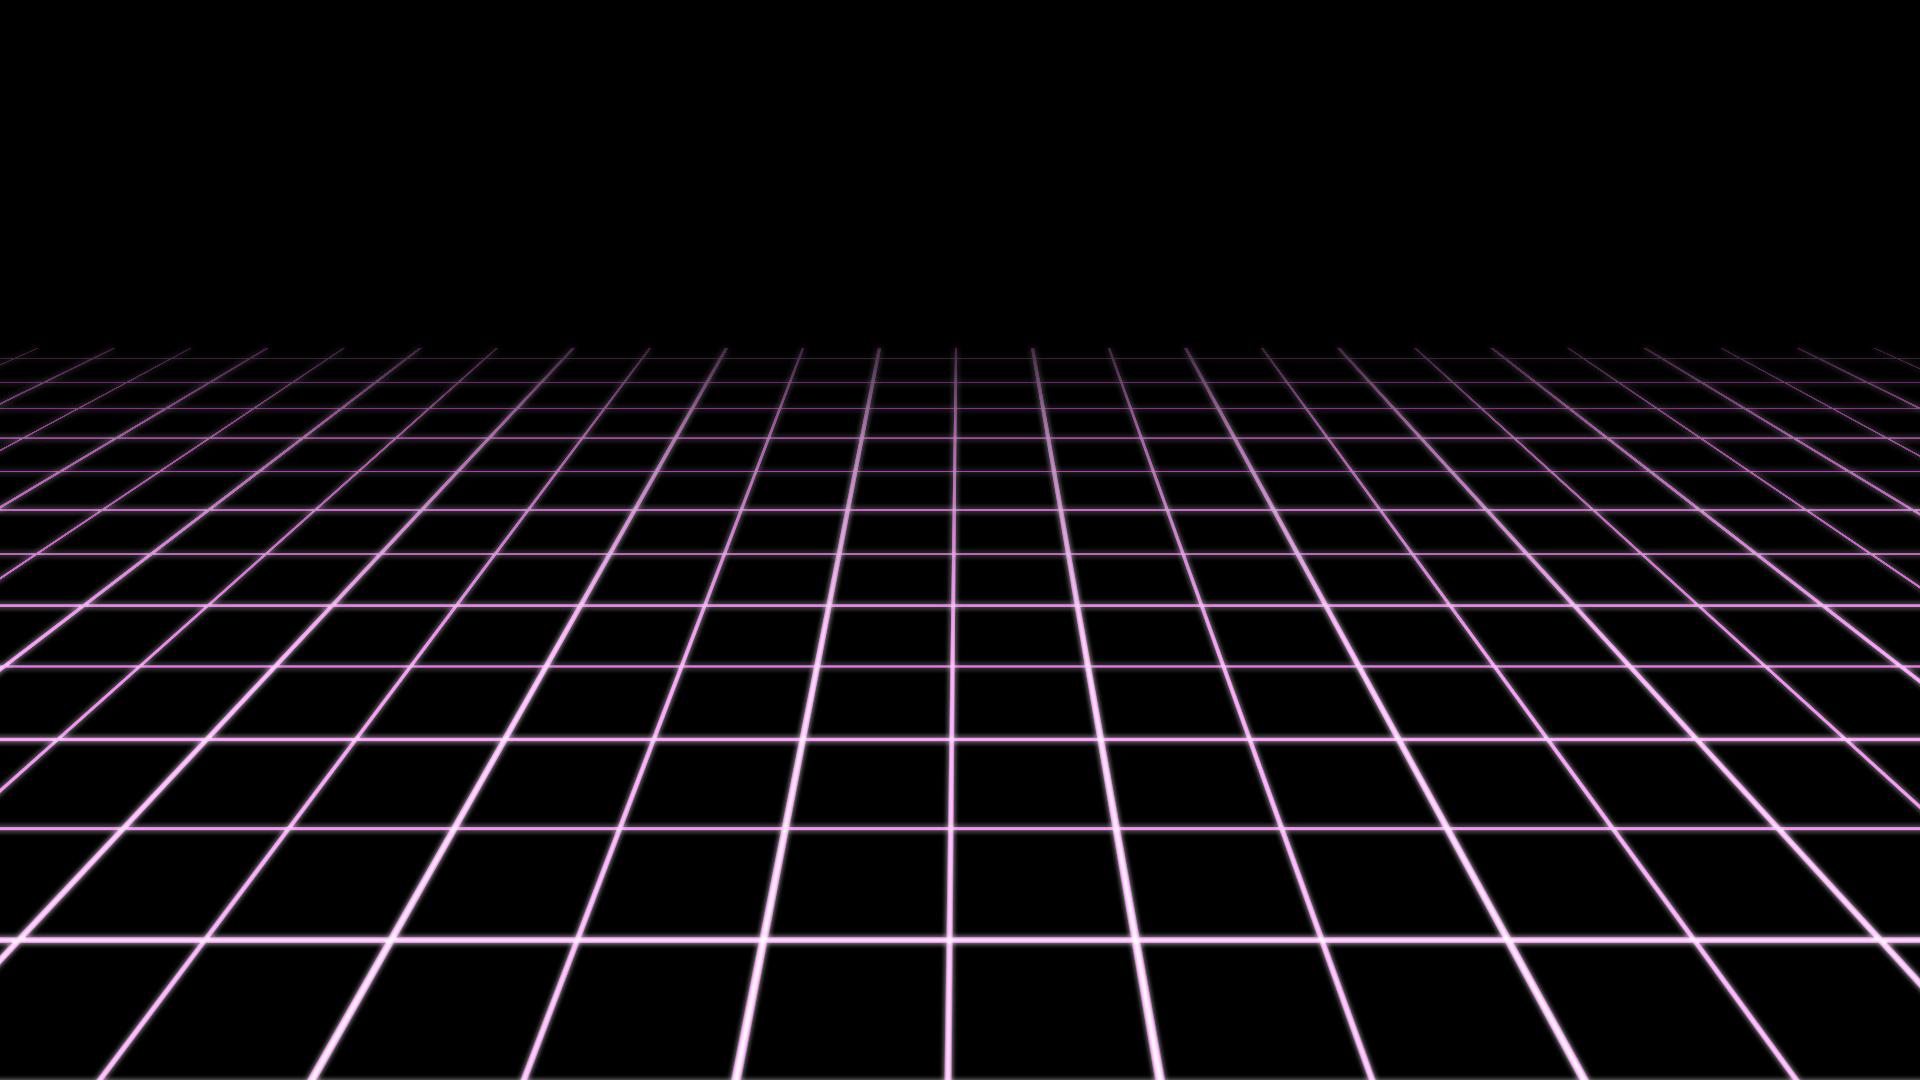 Grid pink by leafeniel on deviantart for Room planning grid